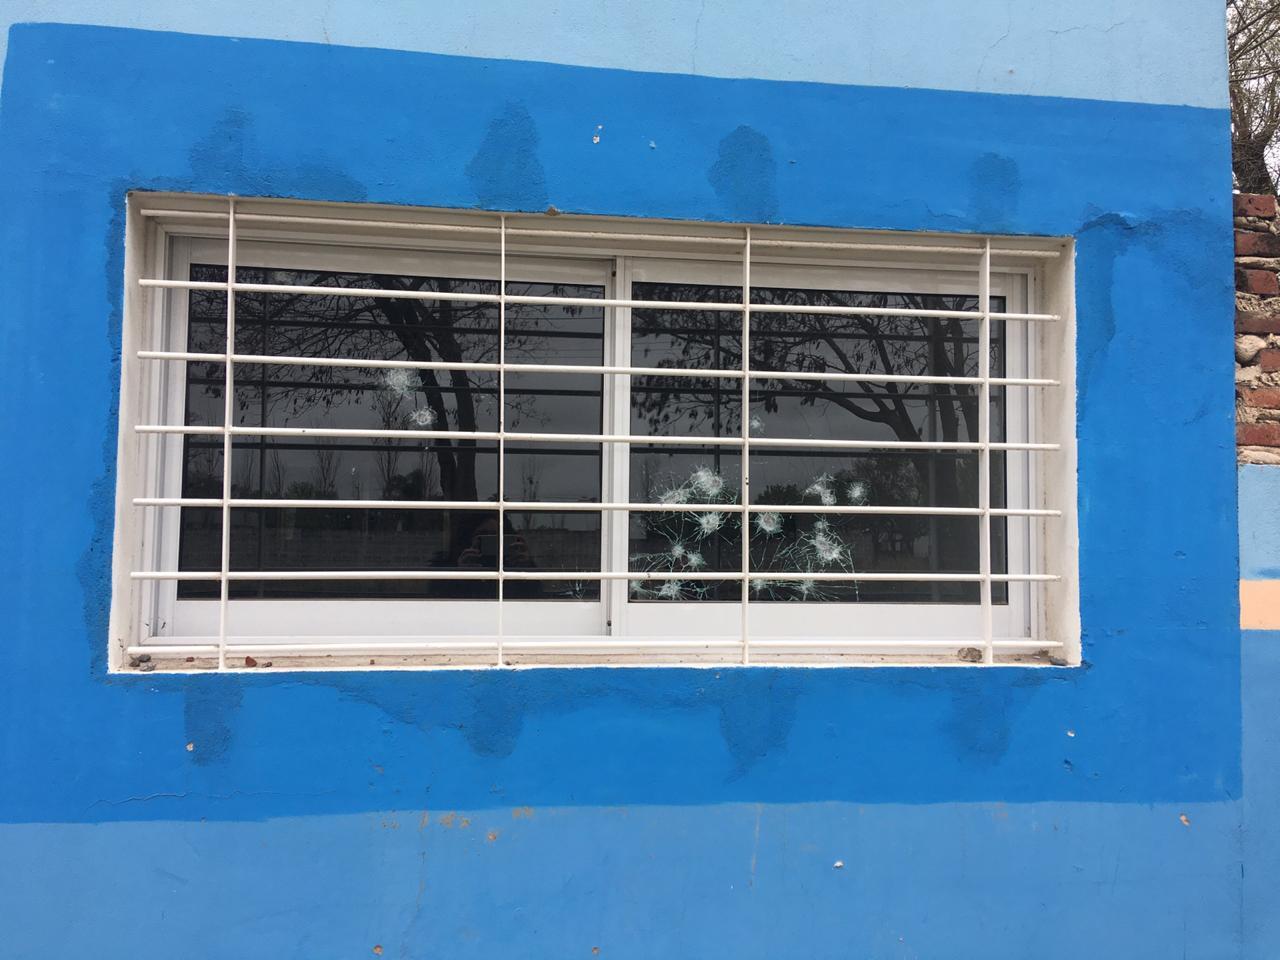 Jardin nucleado - vidrios rotos 2